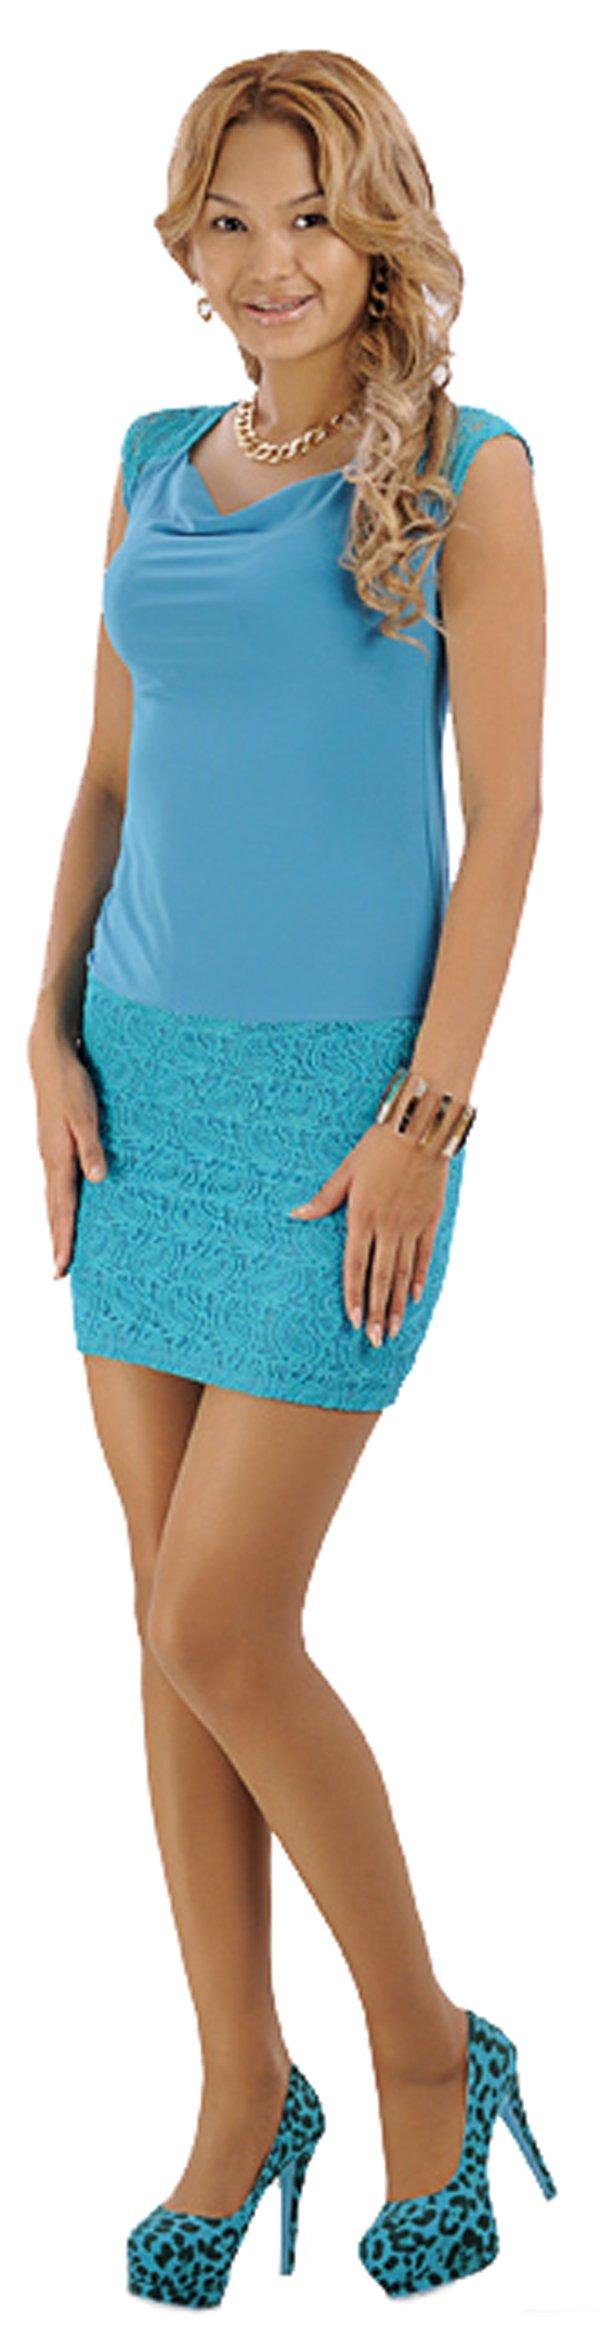 Ваша фигура определит выбор вечернего платья